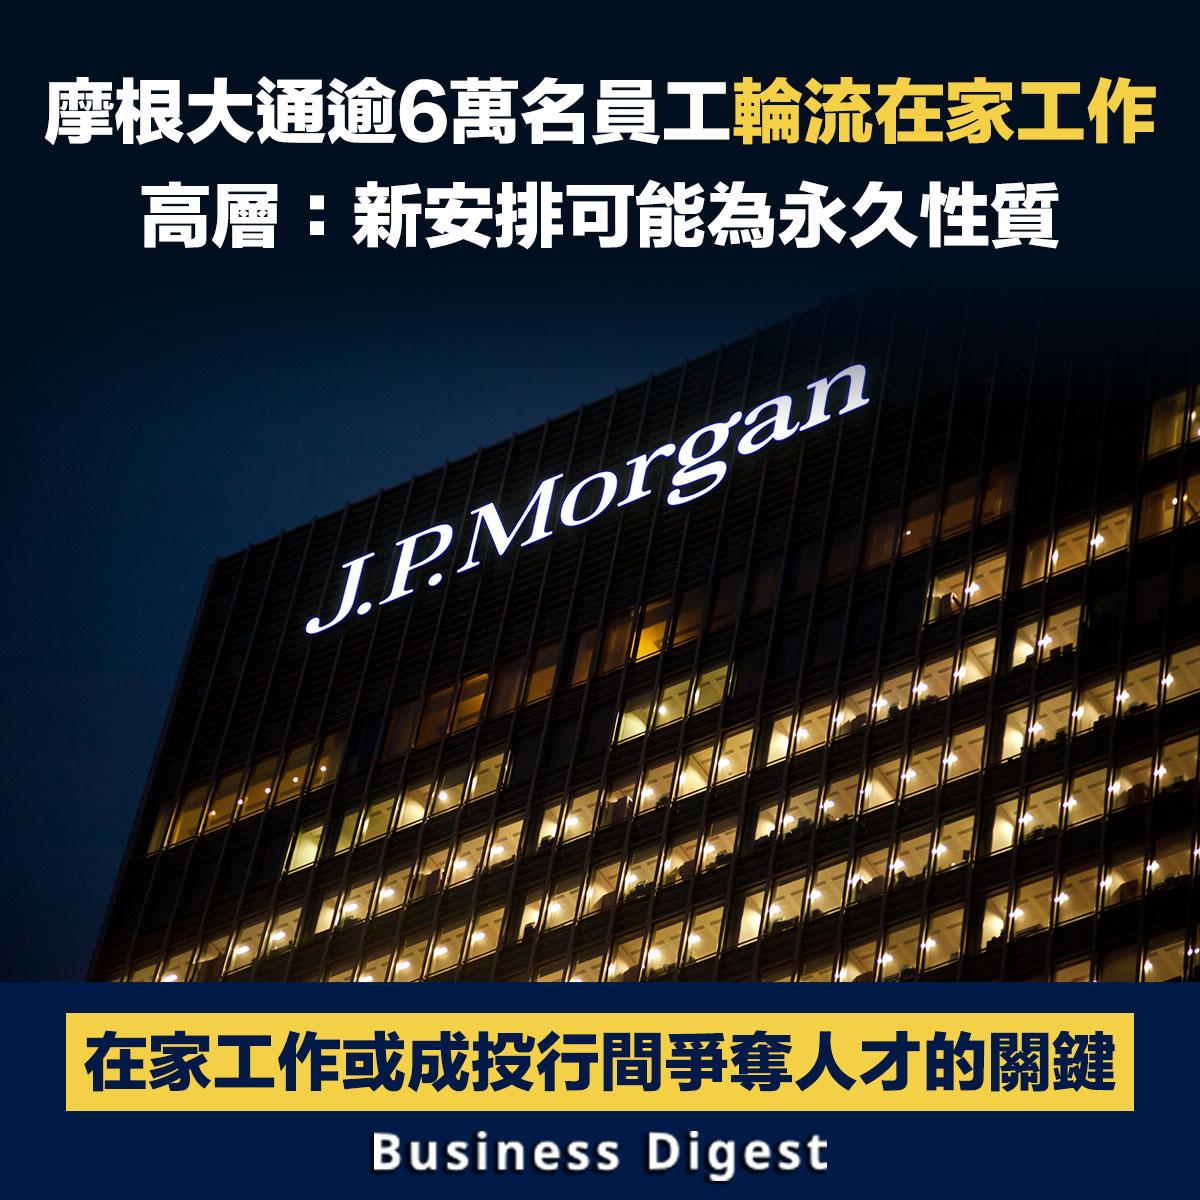 【商業熱話】摩根大通逾6萬名員工輪流在家工作,高層:新安排可能為永久性質